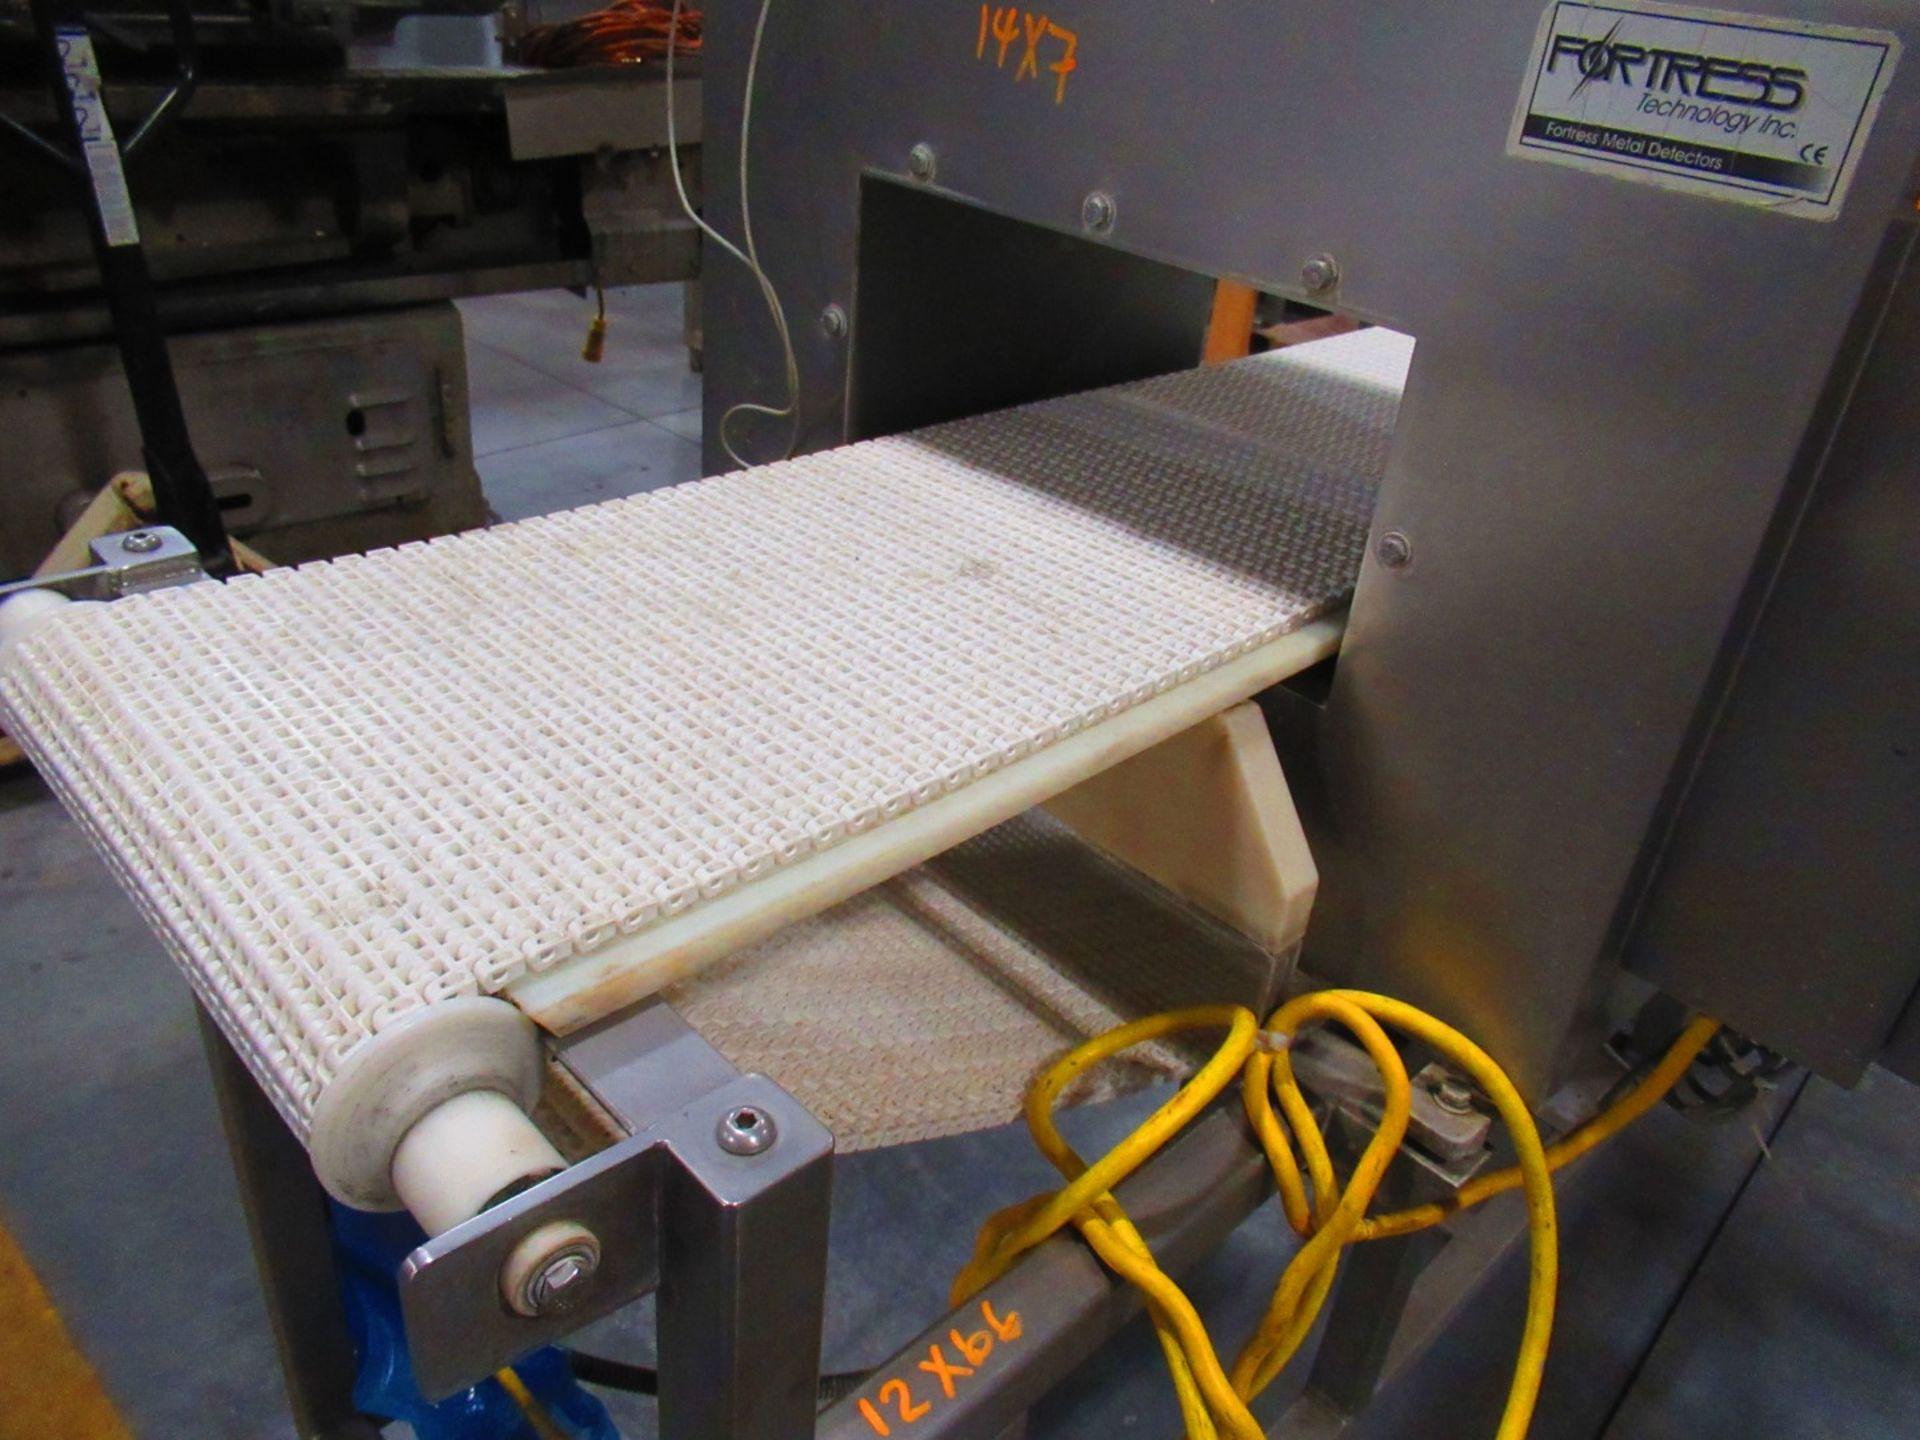 Metal Detector - Image 3 of 4